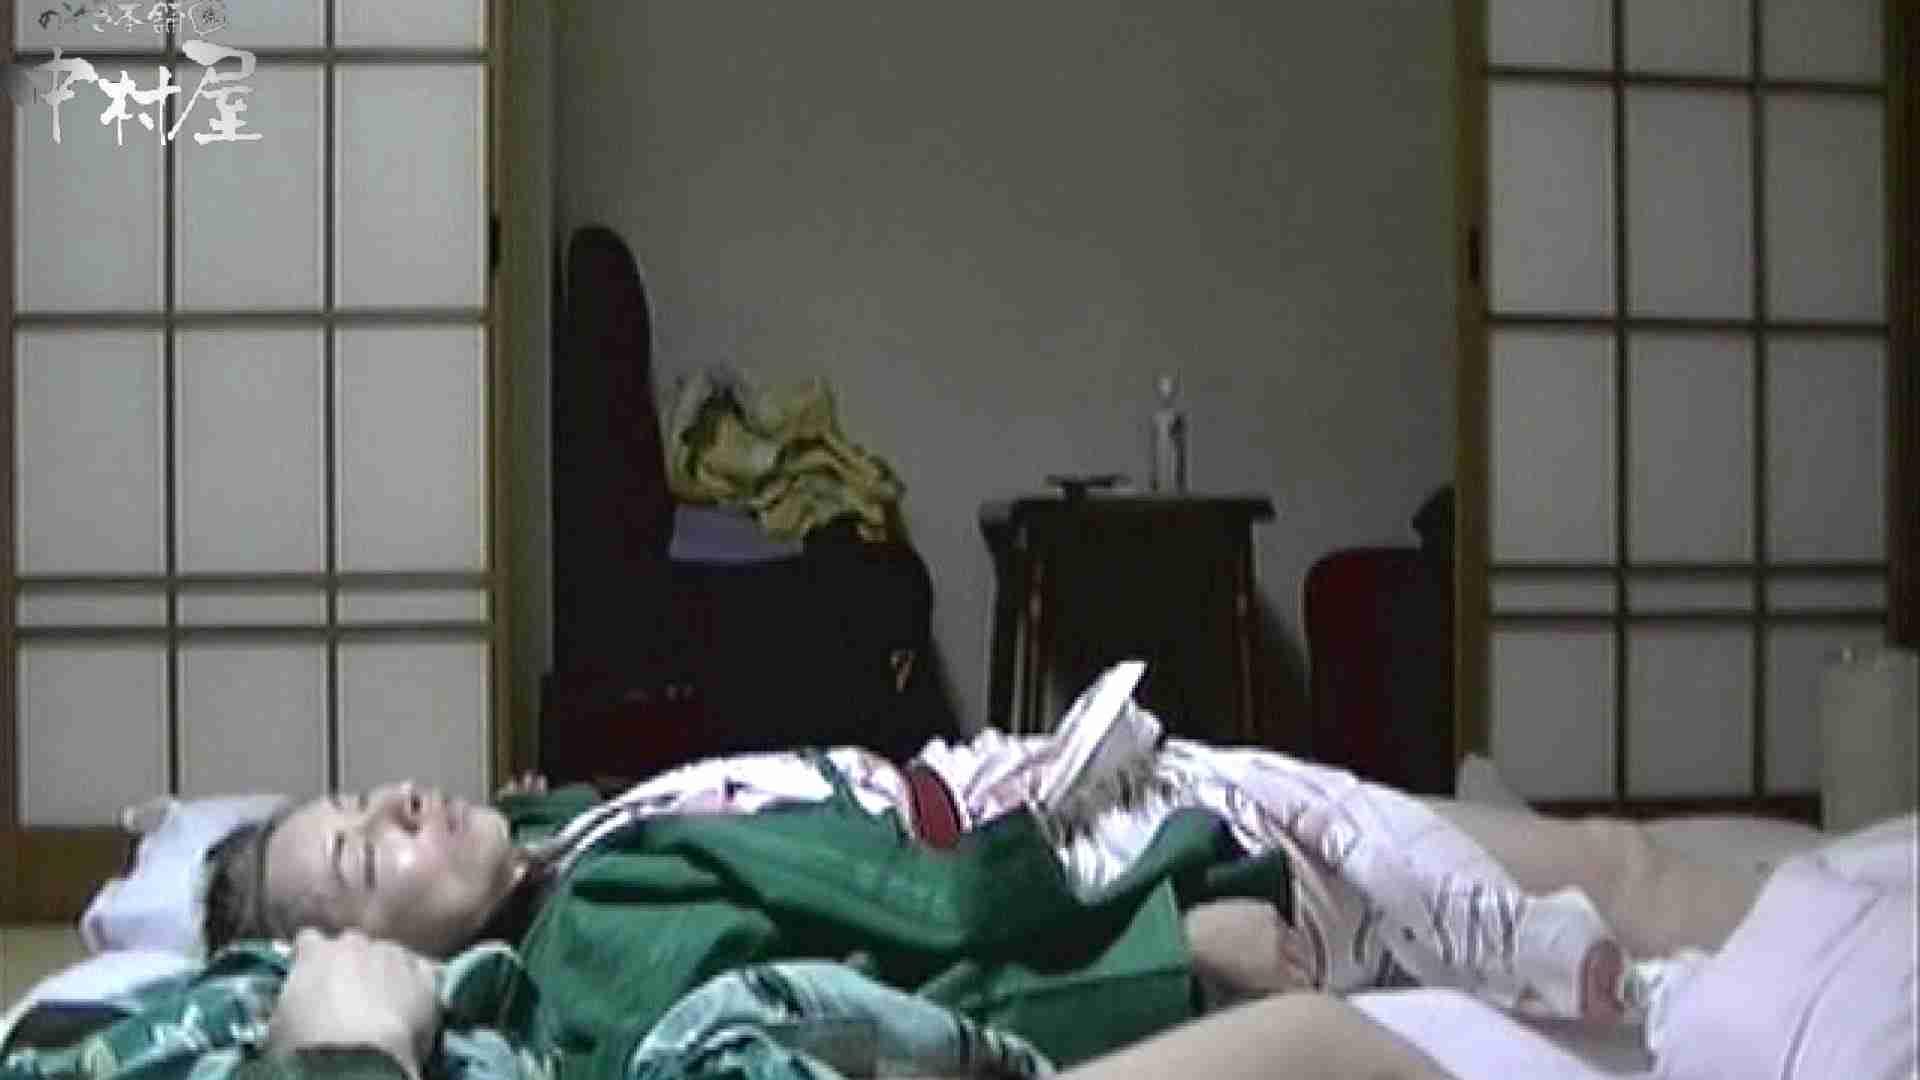 ネムリ姫 vol.07 浴衣 盗撮画像 78PIX 3